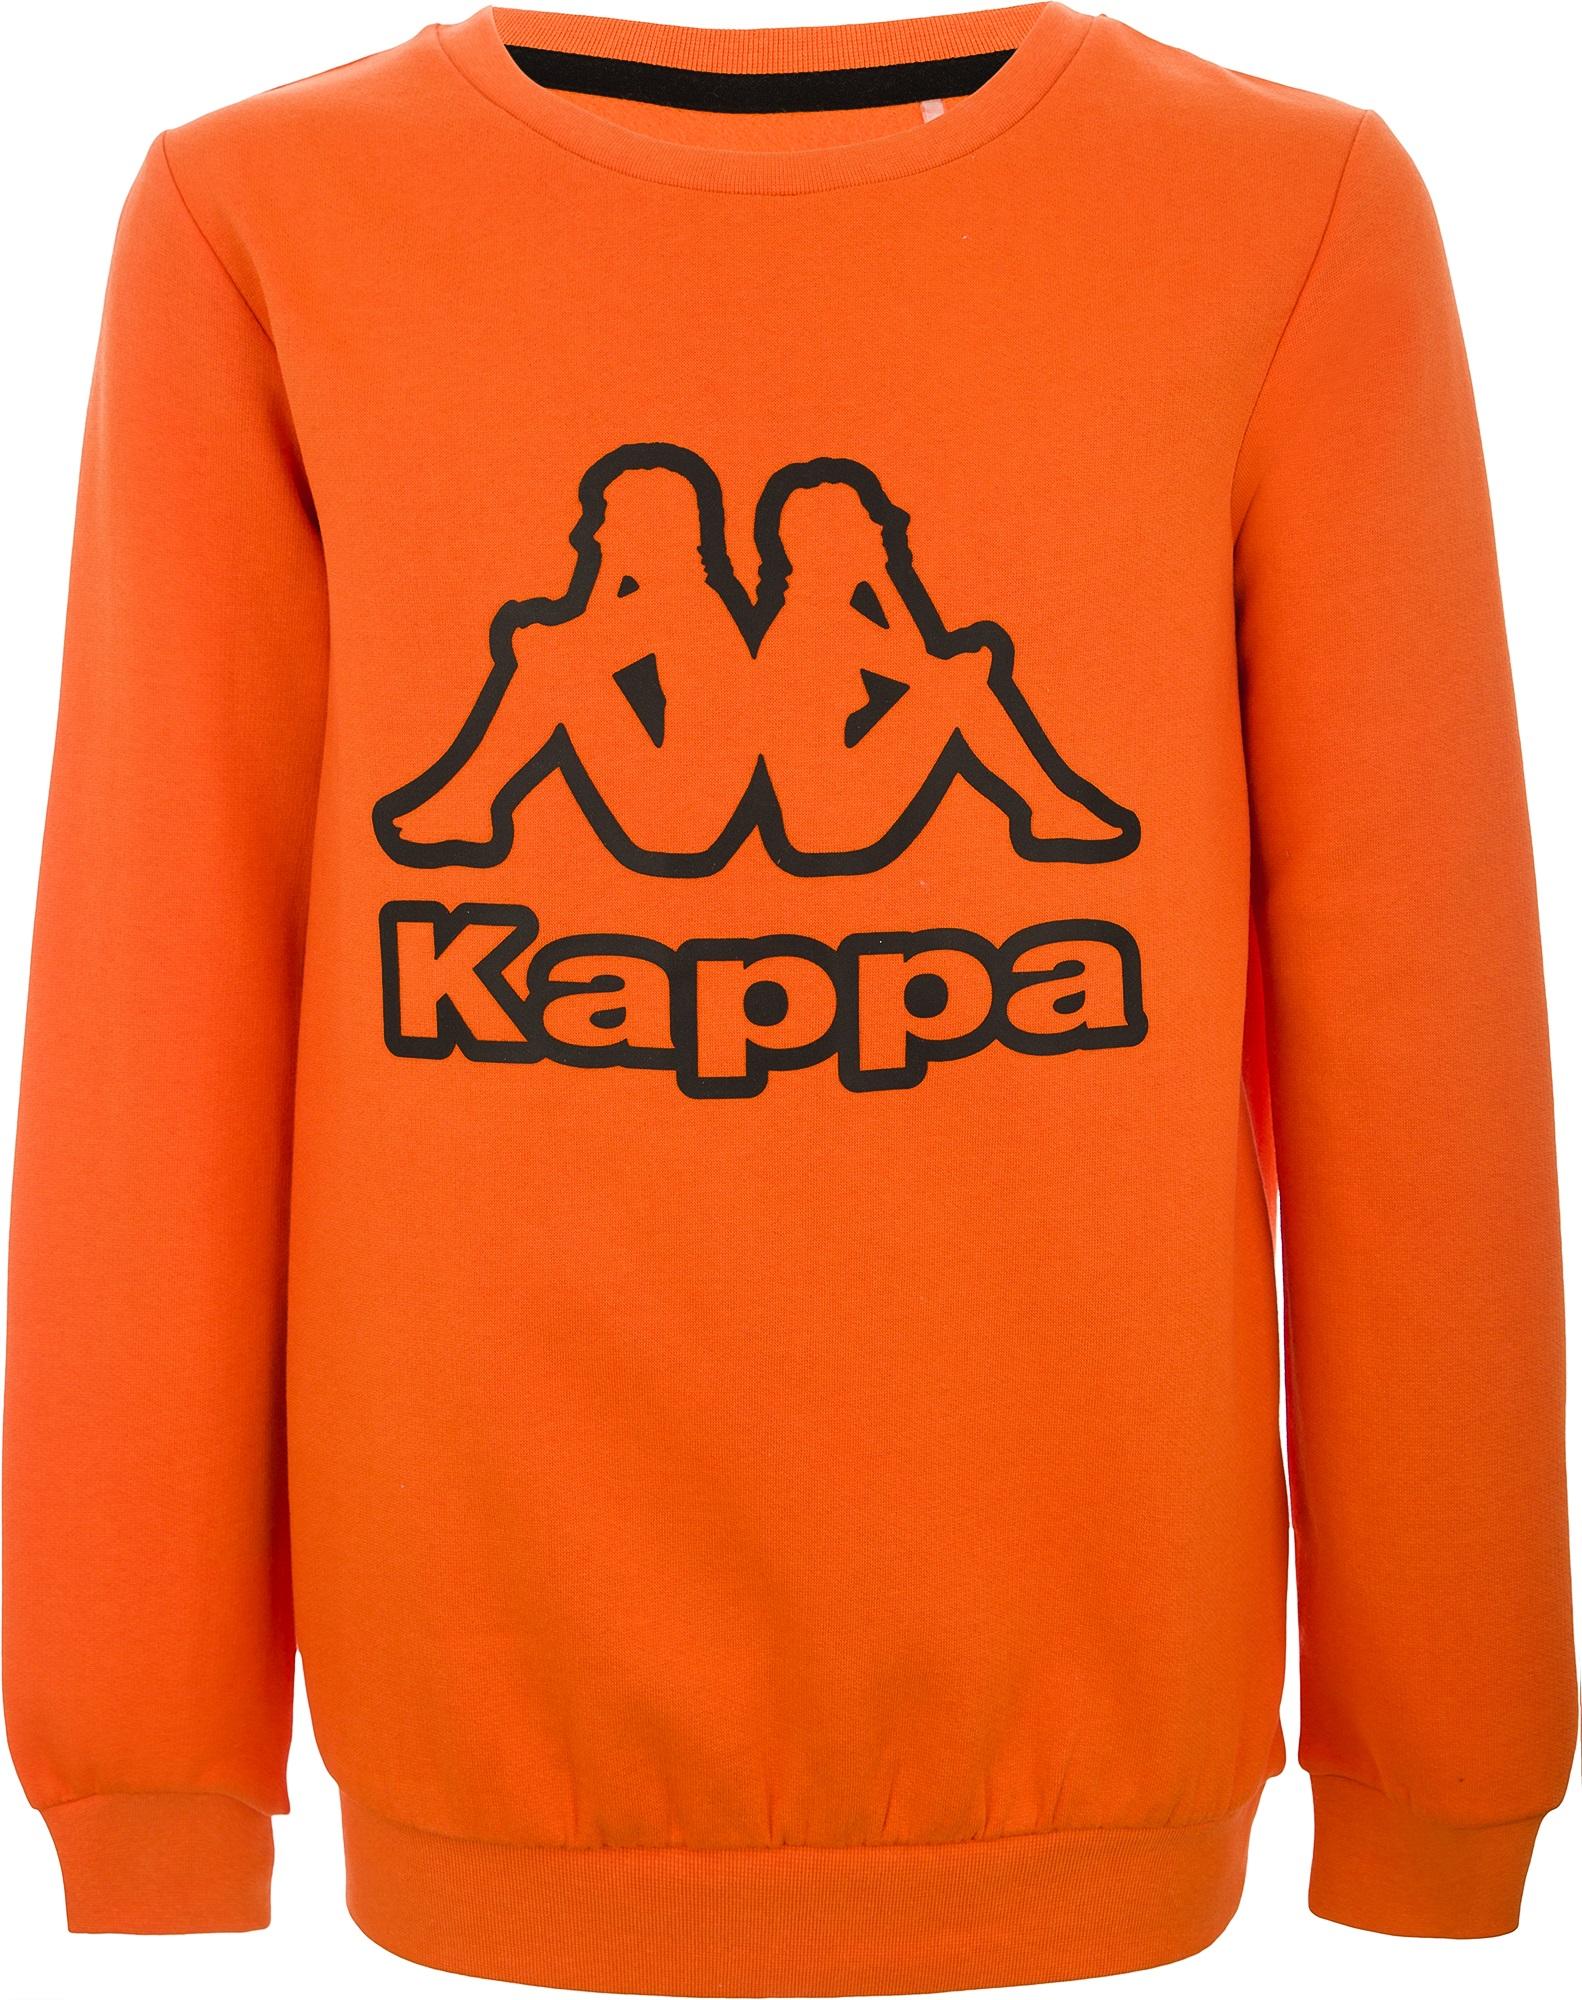 Kappa Свитшот для мальчиков Kappa, размер 176